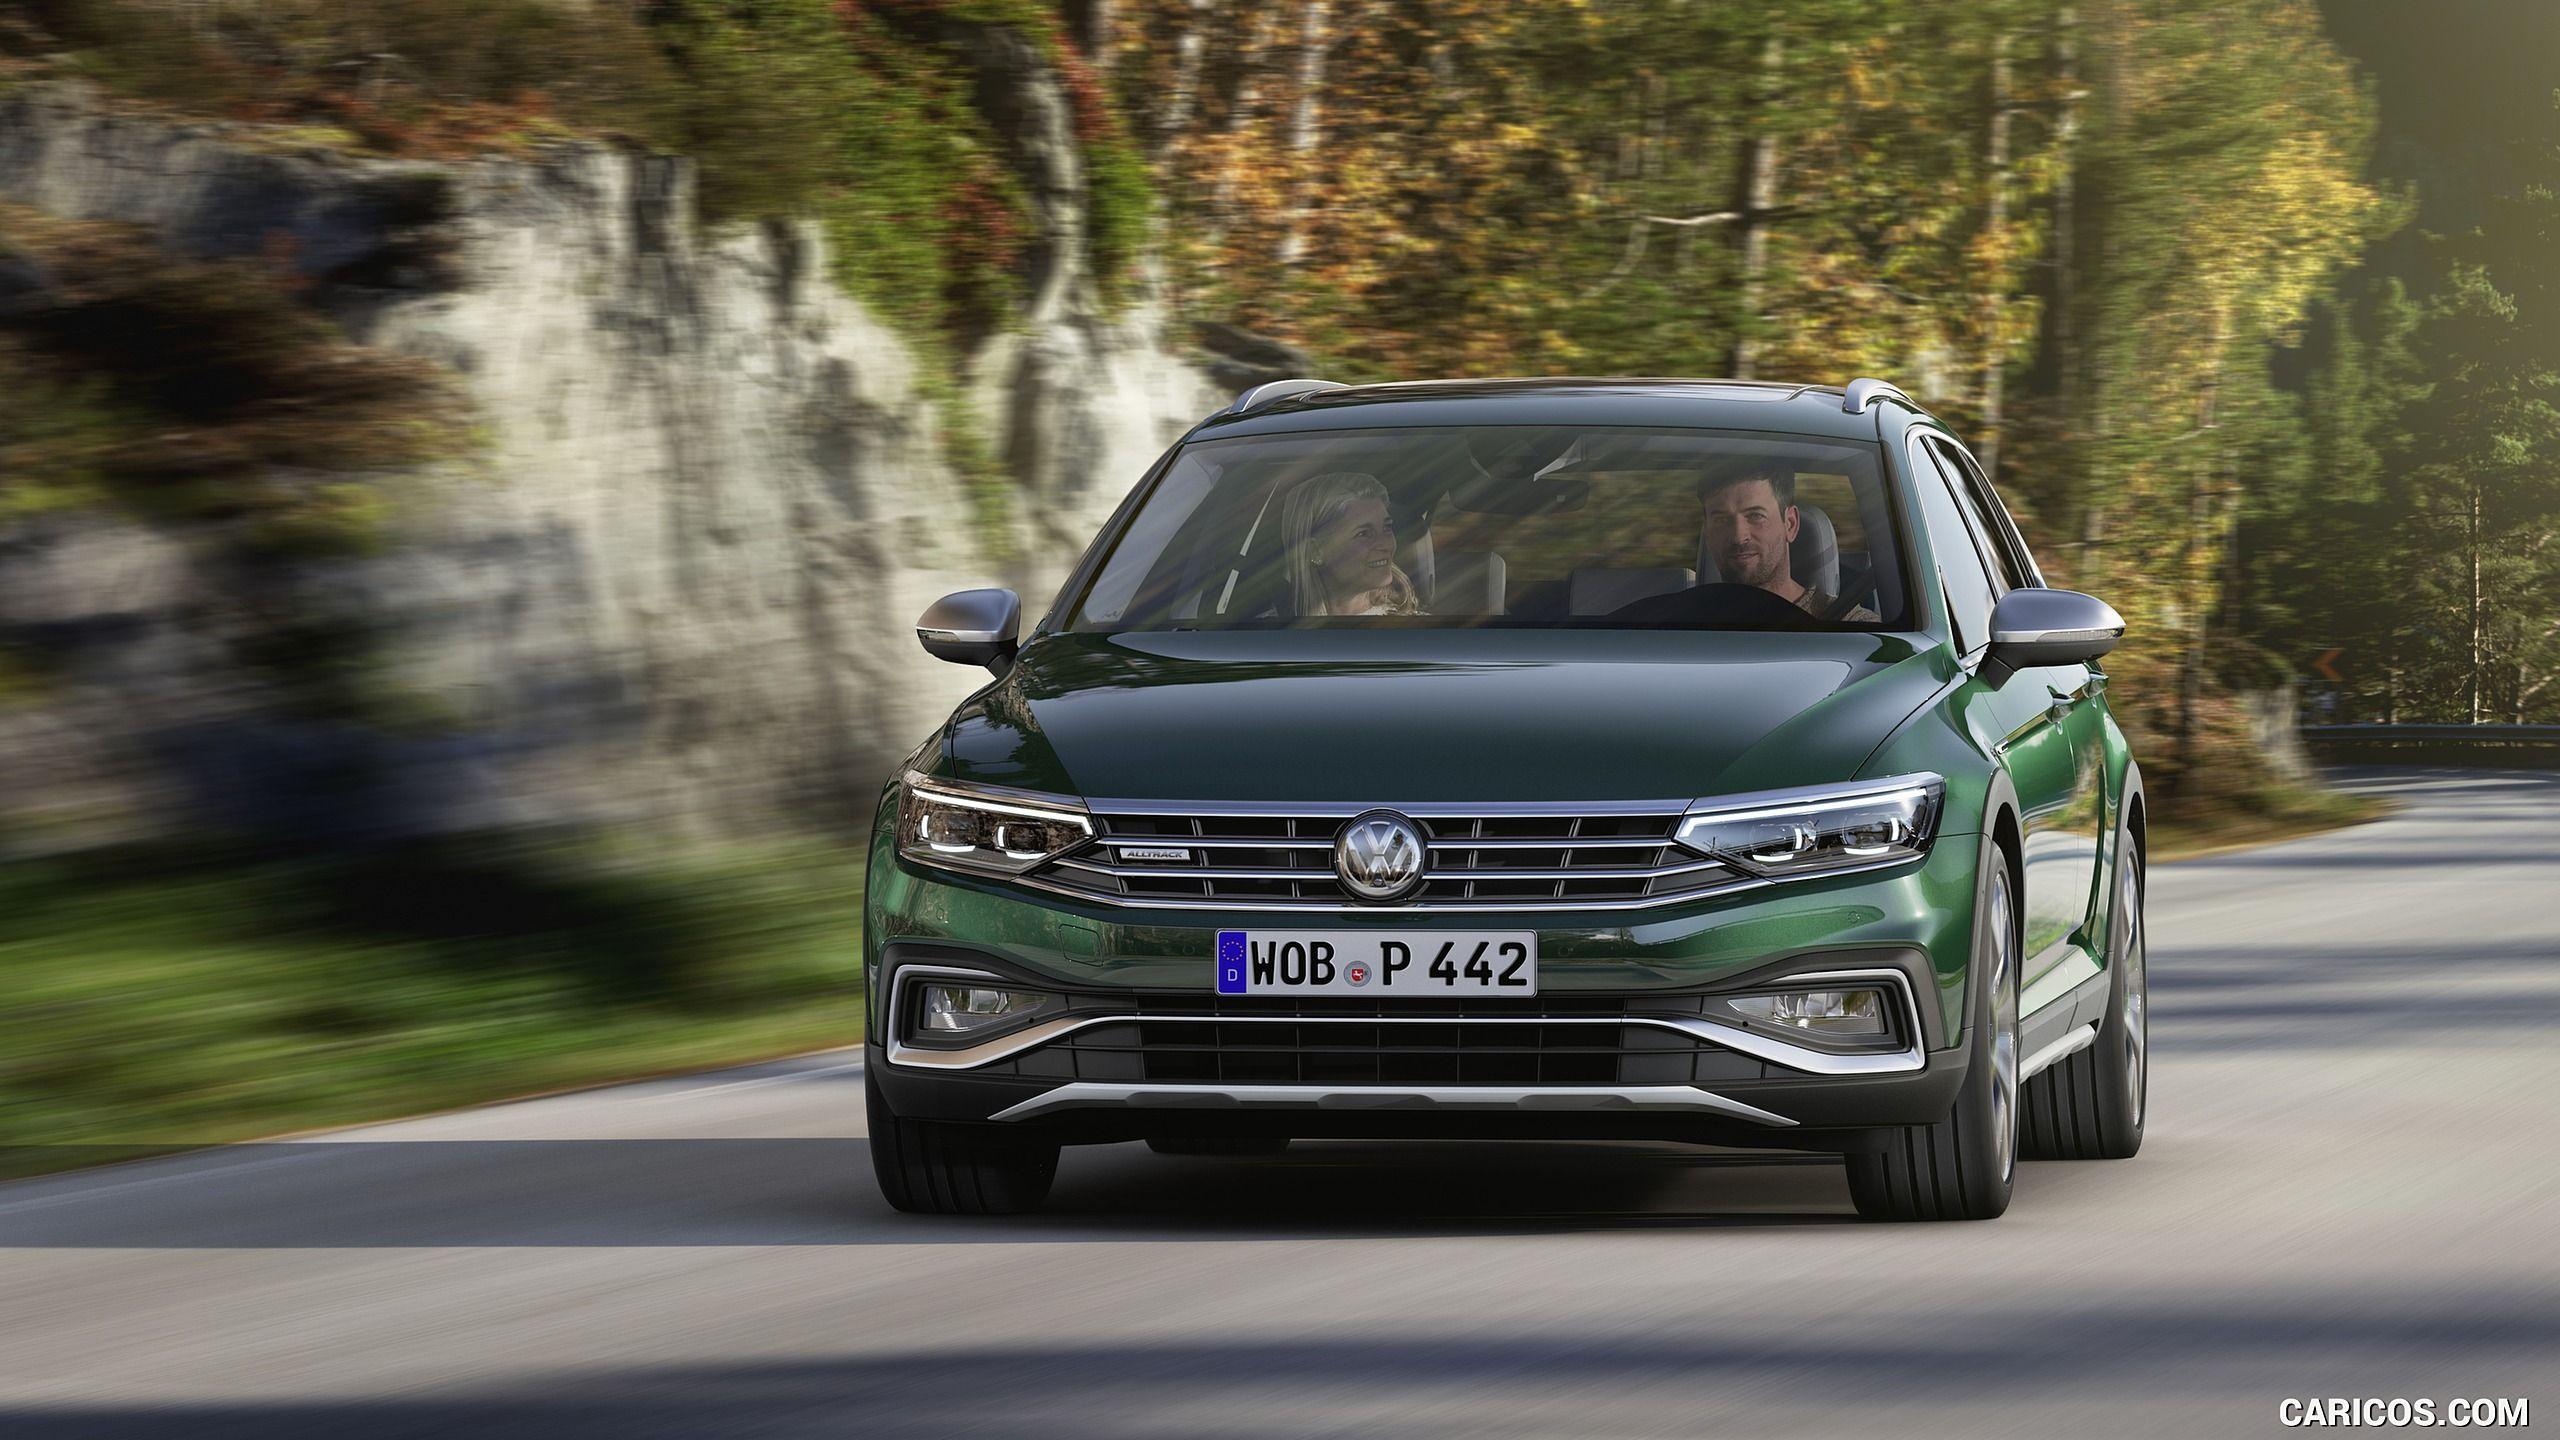 2020 Volkswagen Passat Alltrack Eu Spec Front Hd Volkswagen Passat Vw Passat Volkswagen